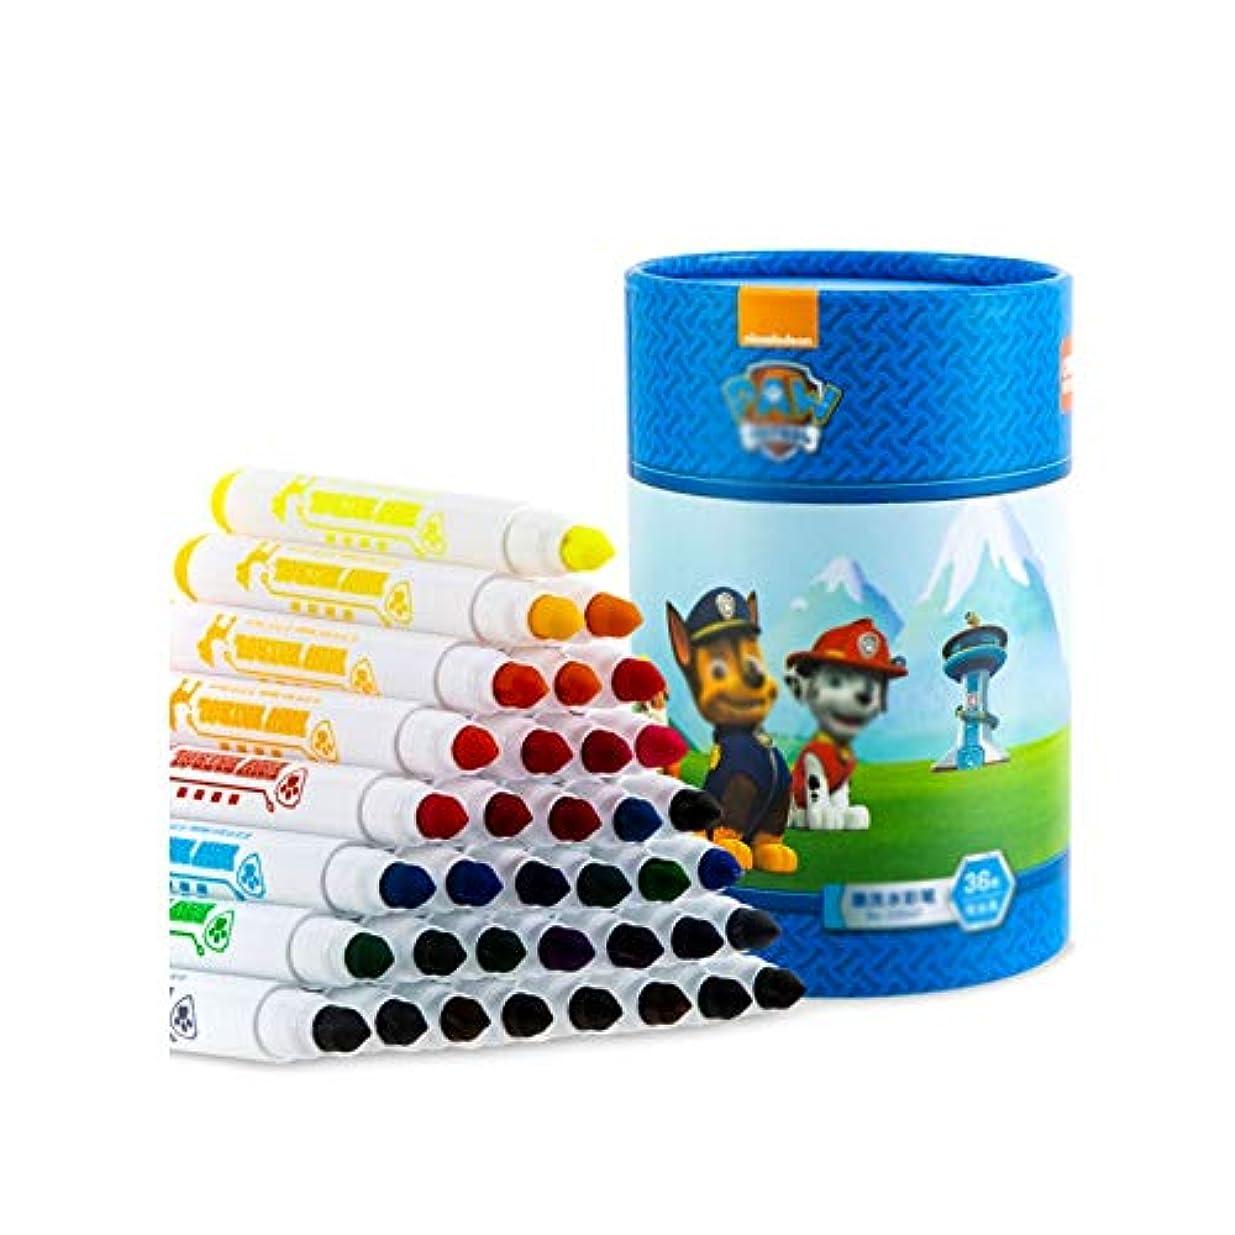 より平らなバーベキュージョージハンブリーJiansheng001 ペイントブラシ、36色洗えるペン快適なペイントツール、多機能練習学生絵画水彩ペン(36色、11 * 17 cm) 安定した色 (Color : 36 colors, Size : 11*17cm)